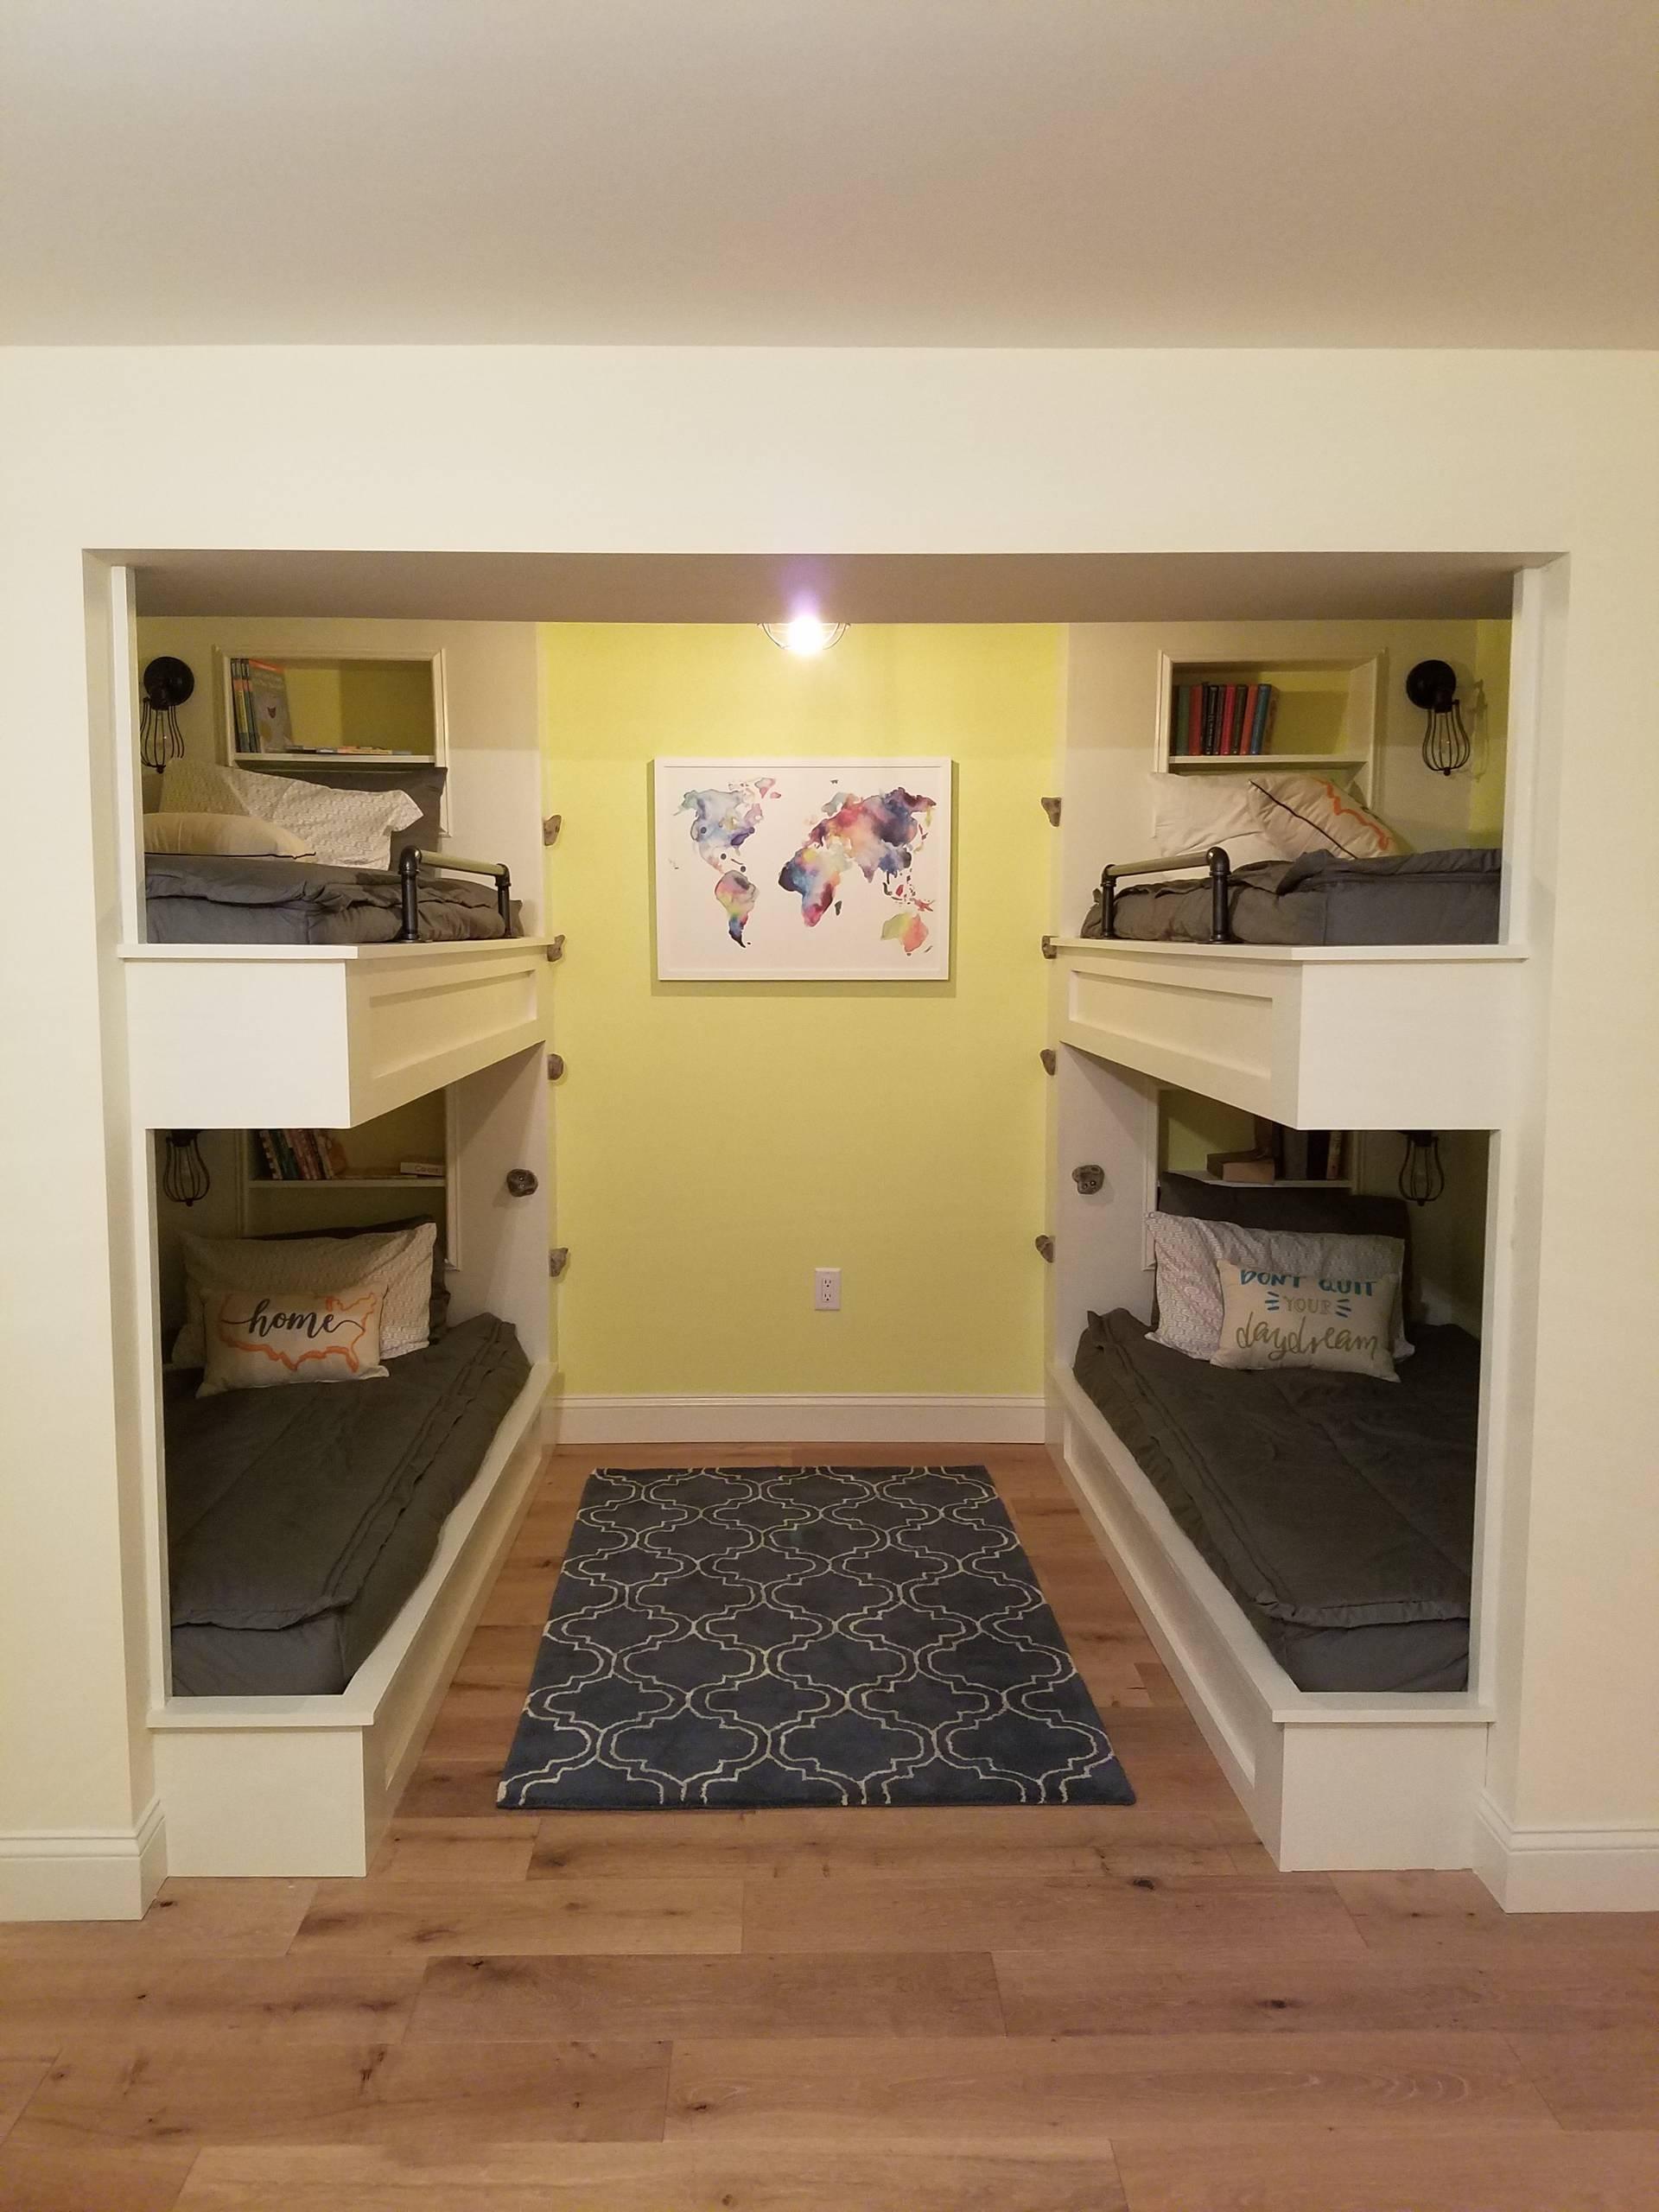 2000sqft basement